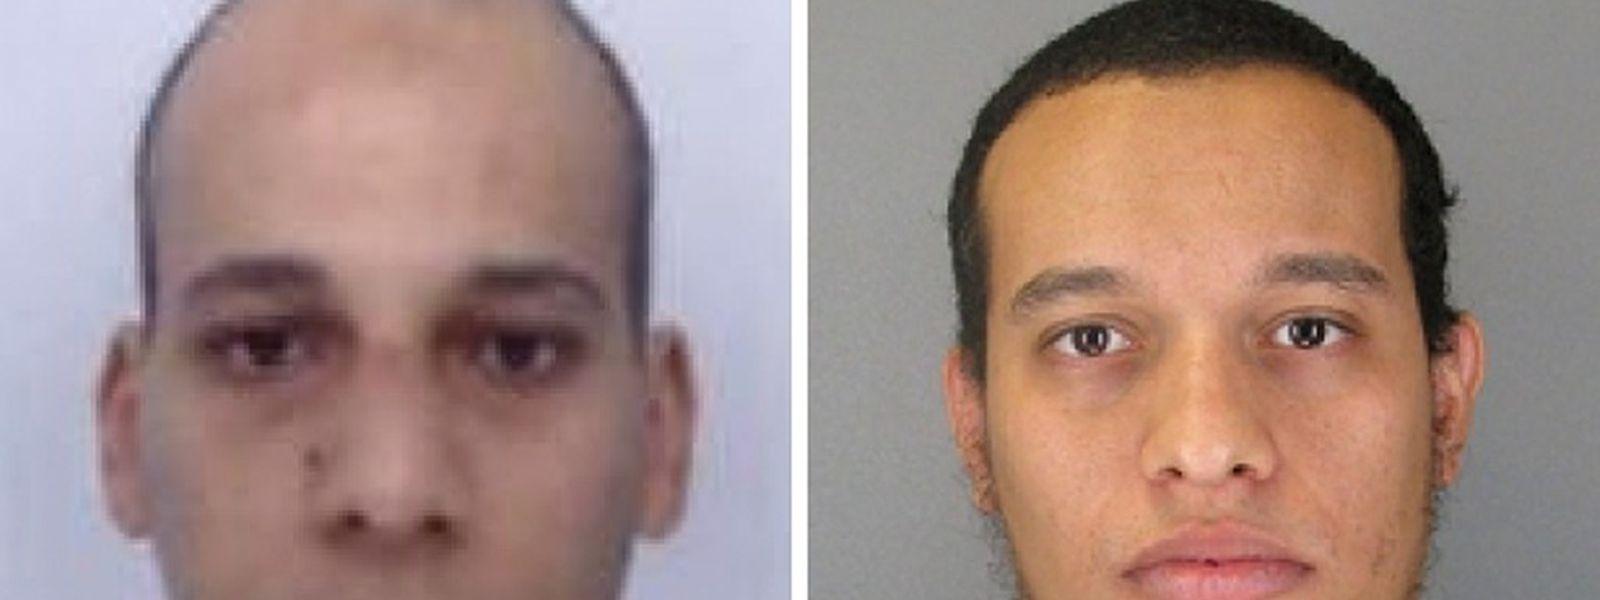 Vor allem Cherif Kouachi (l.), der mit seinem Bruder Said das Attentat verübt haben soll, war den Behörden als Dschihadist bekannt.